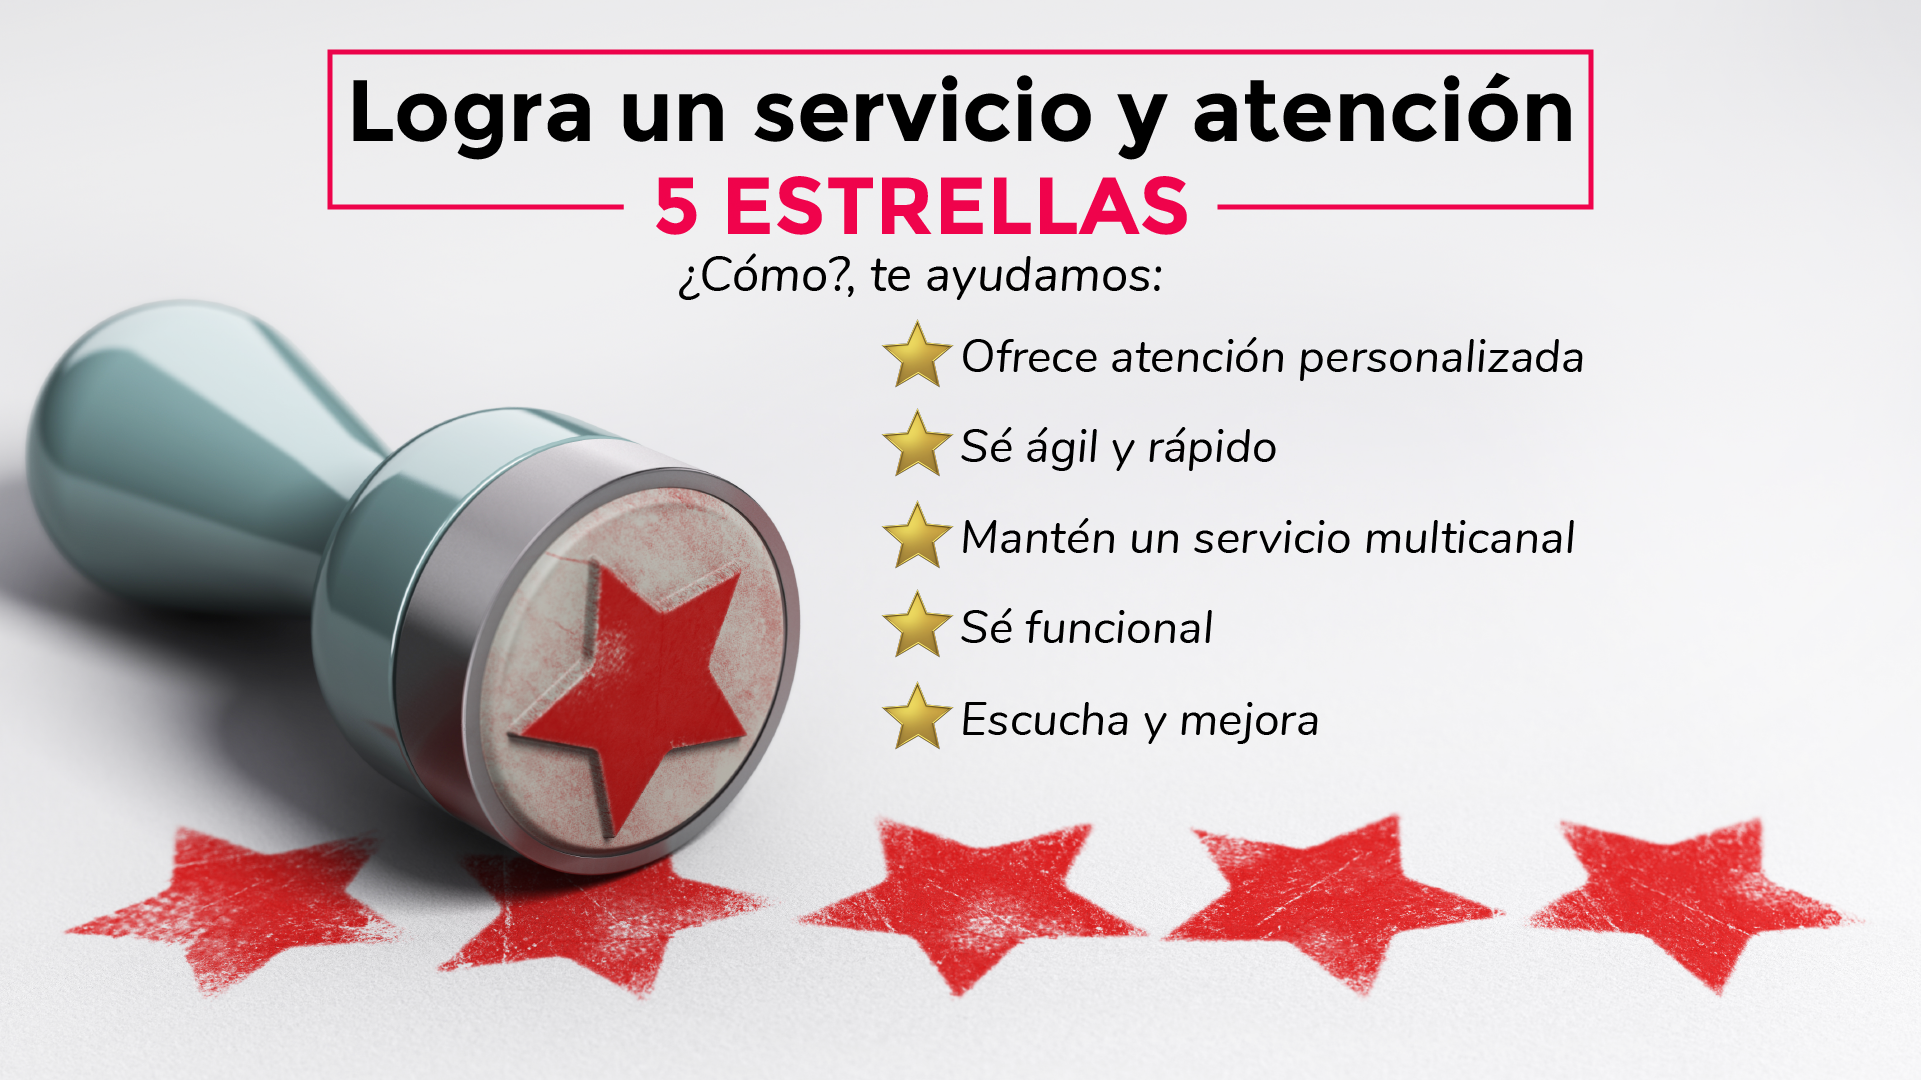 SERVICIO 5 ESTRELLAS